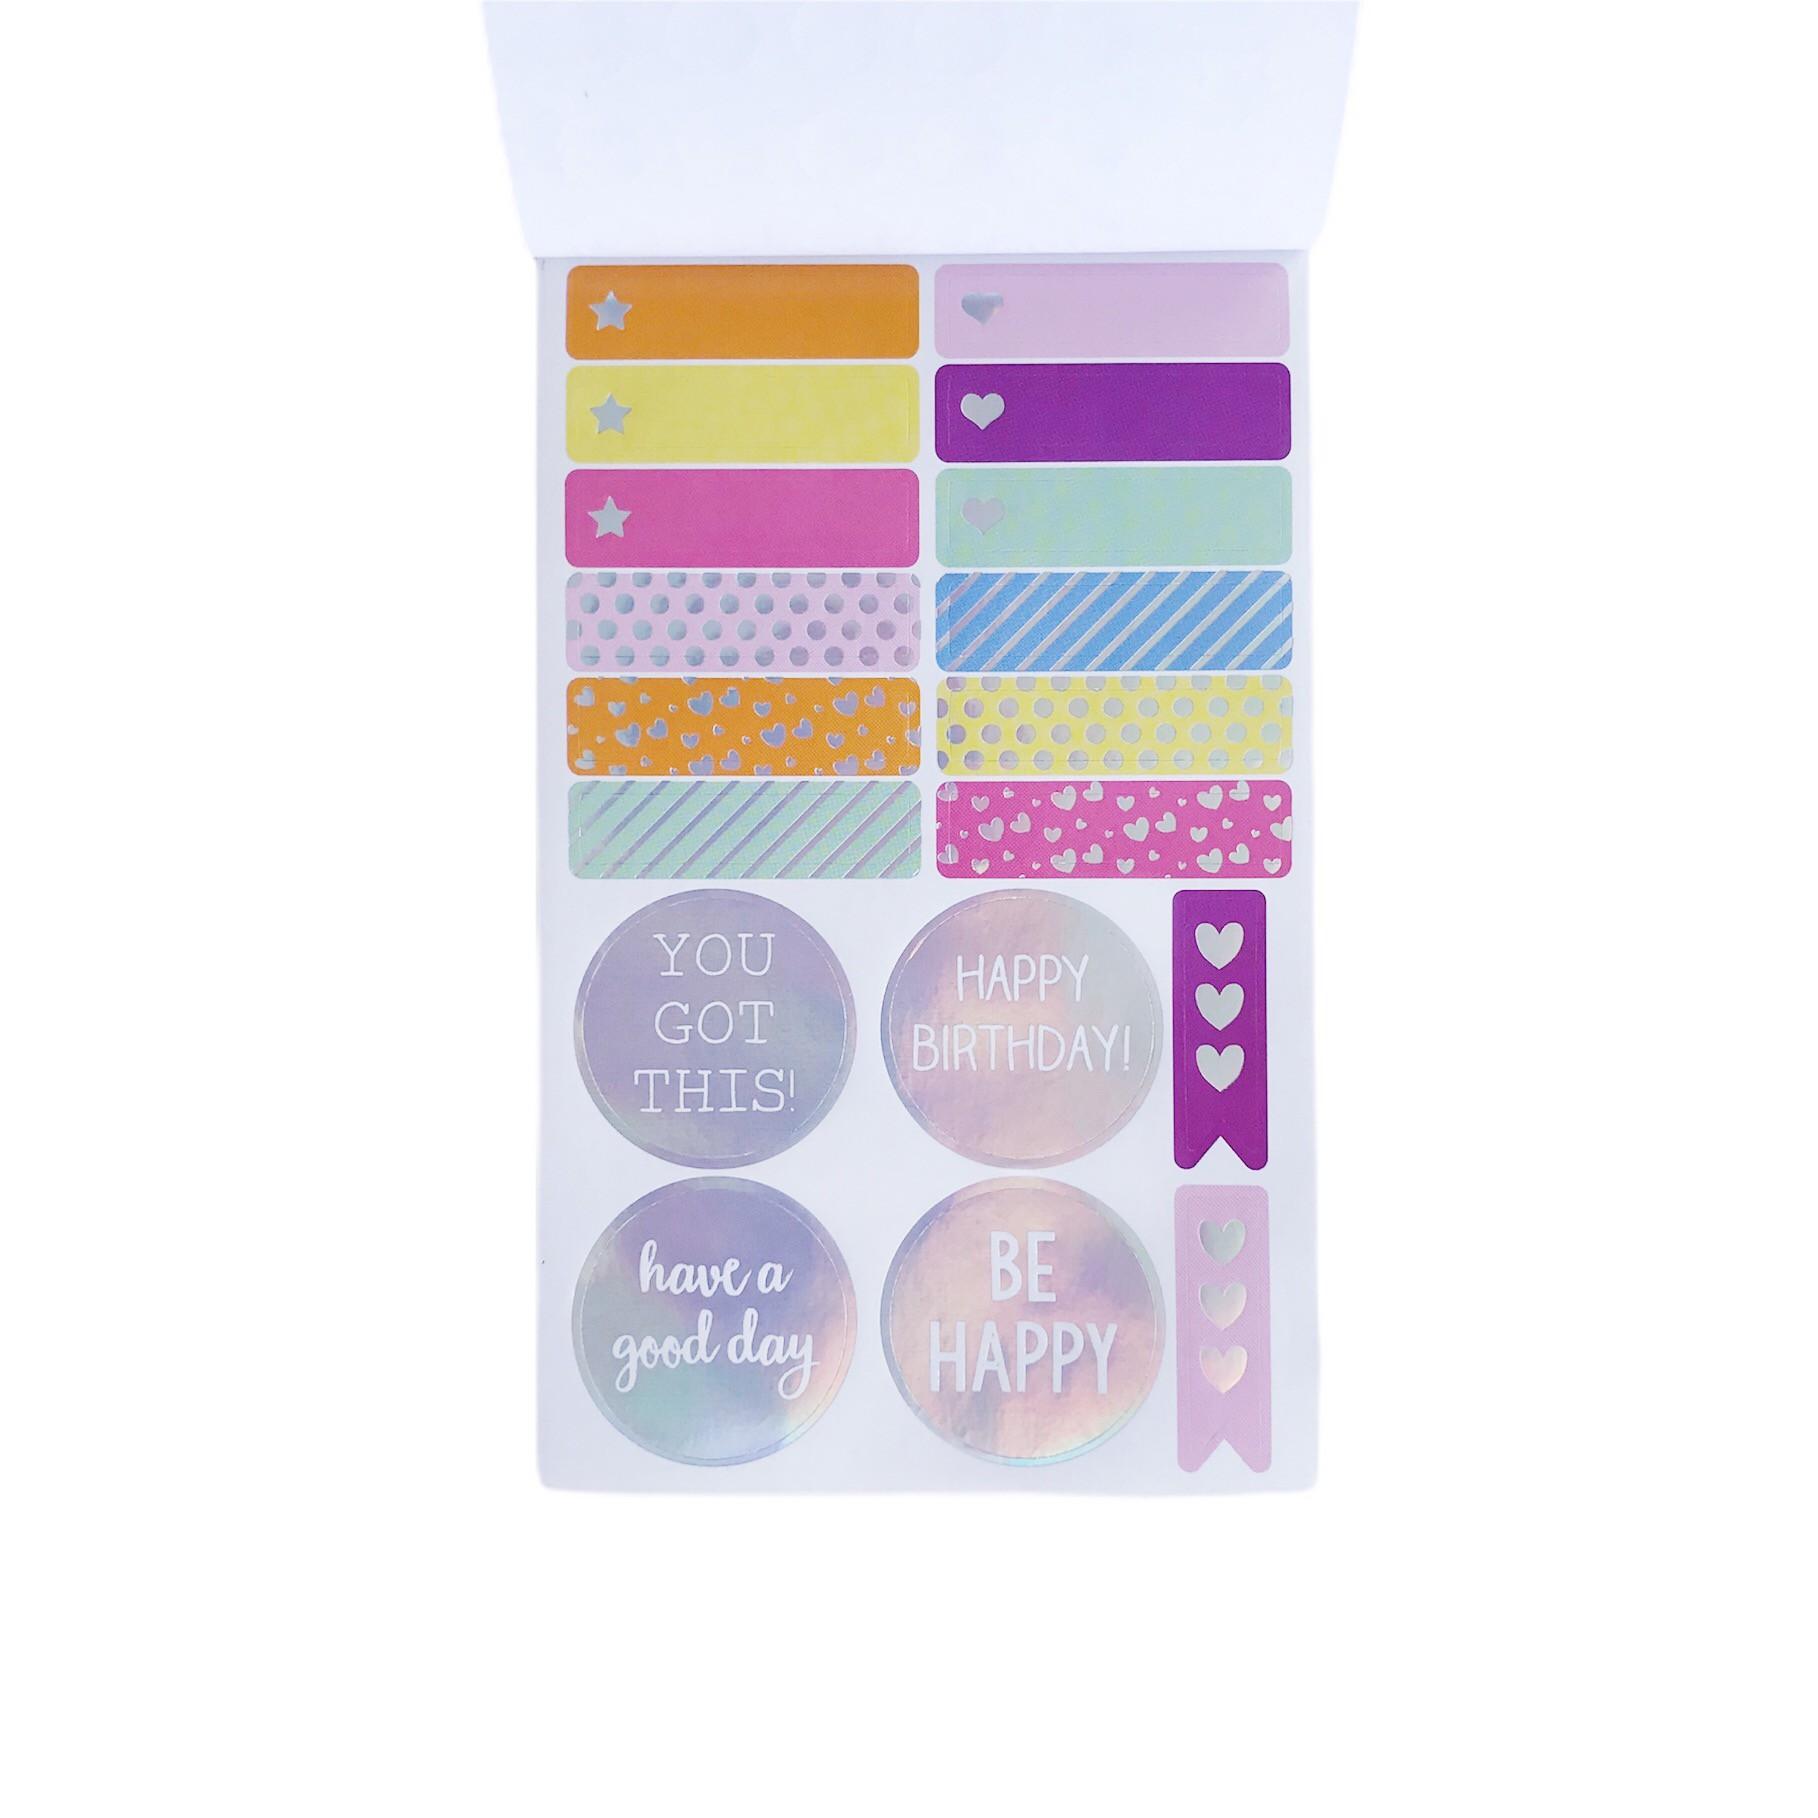 Sticker Book Have a Good Day + de 700 adesivos